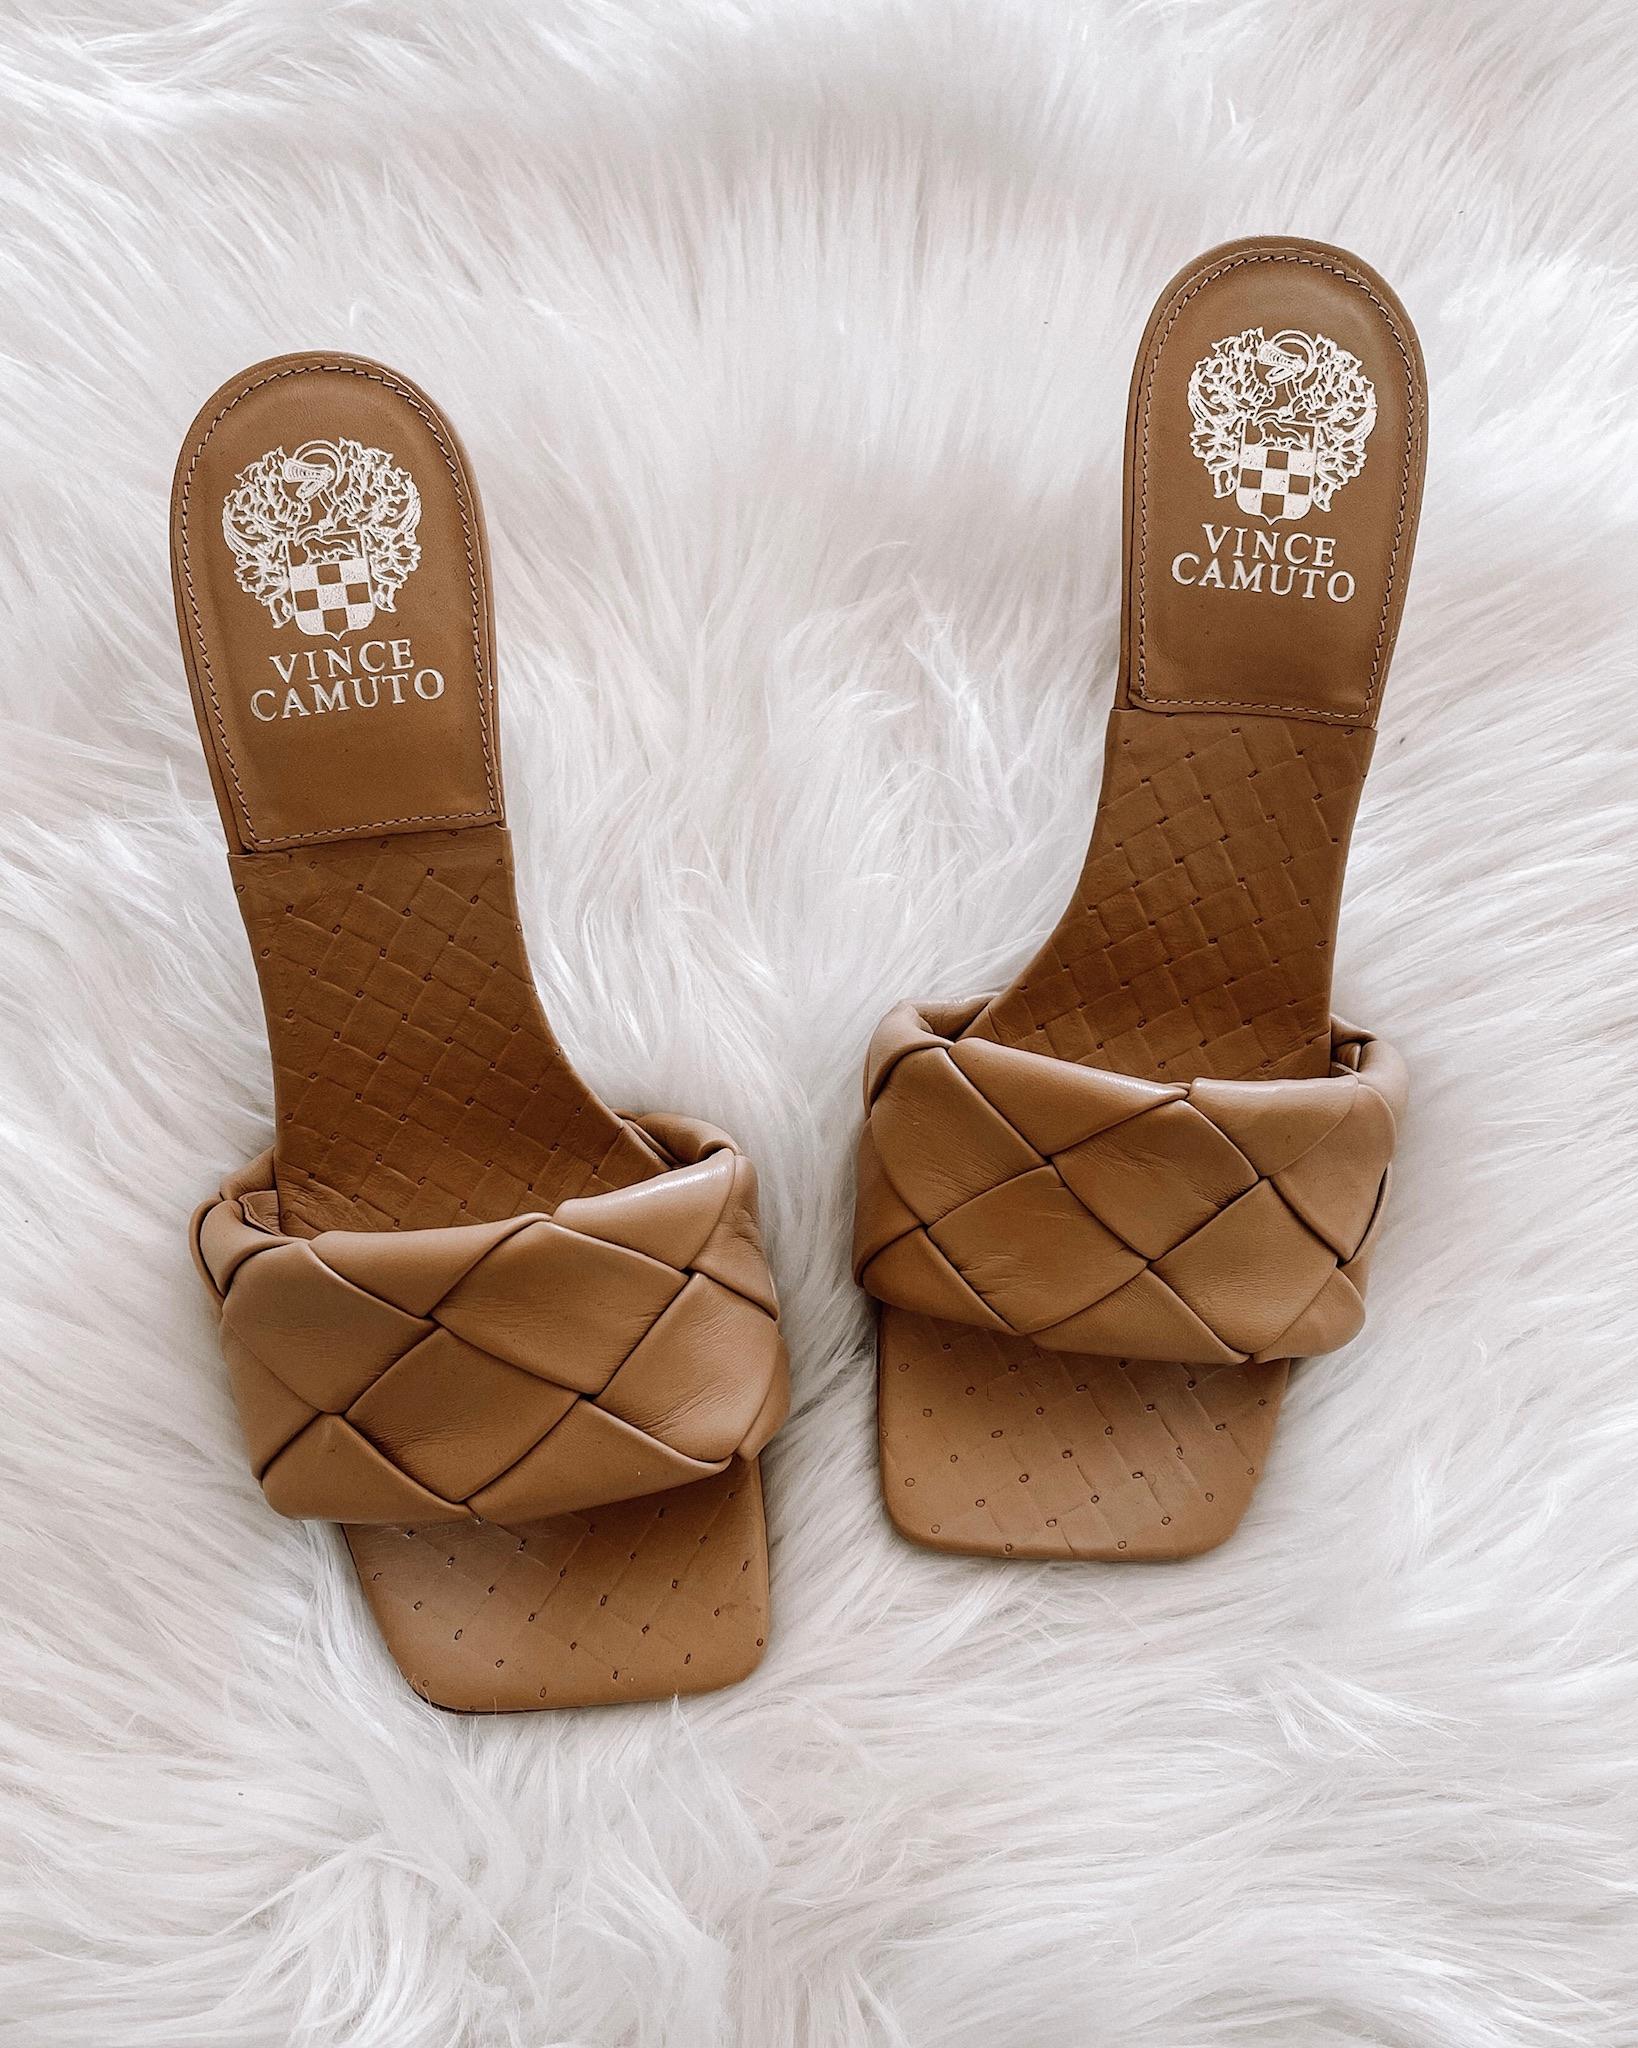 Fashion Jackson Vince Camuto Brelanie Sandals Dolce De Leche